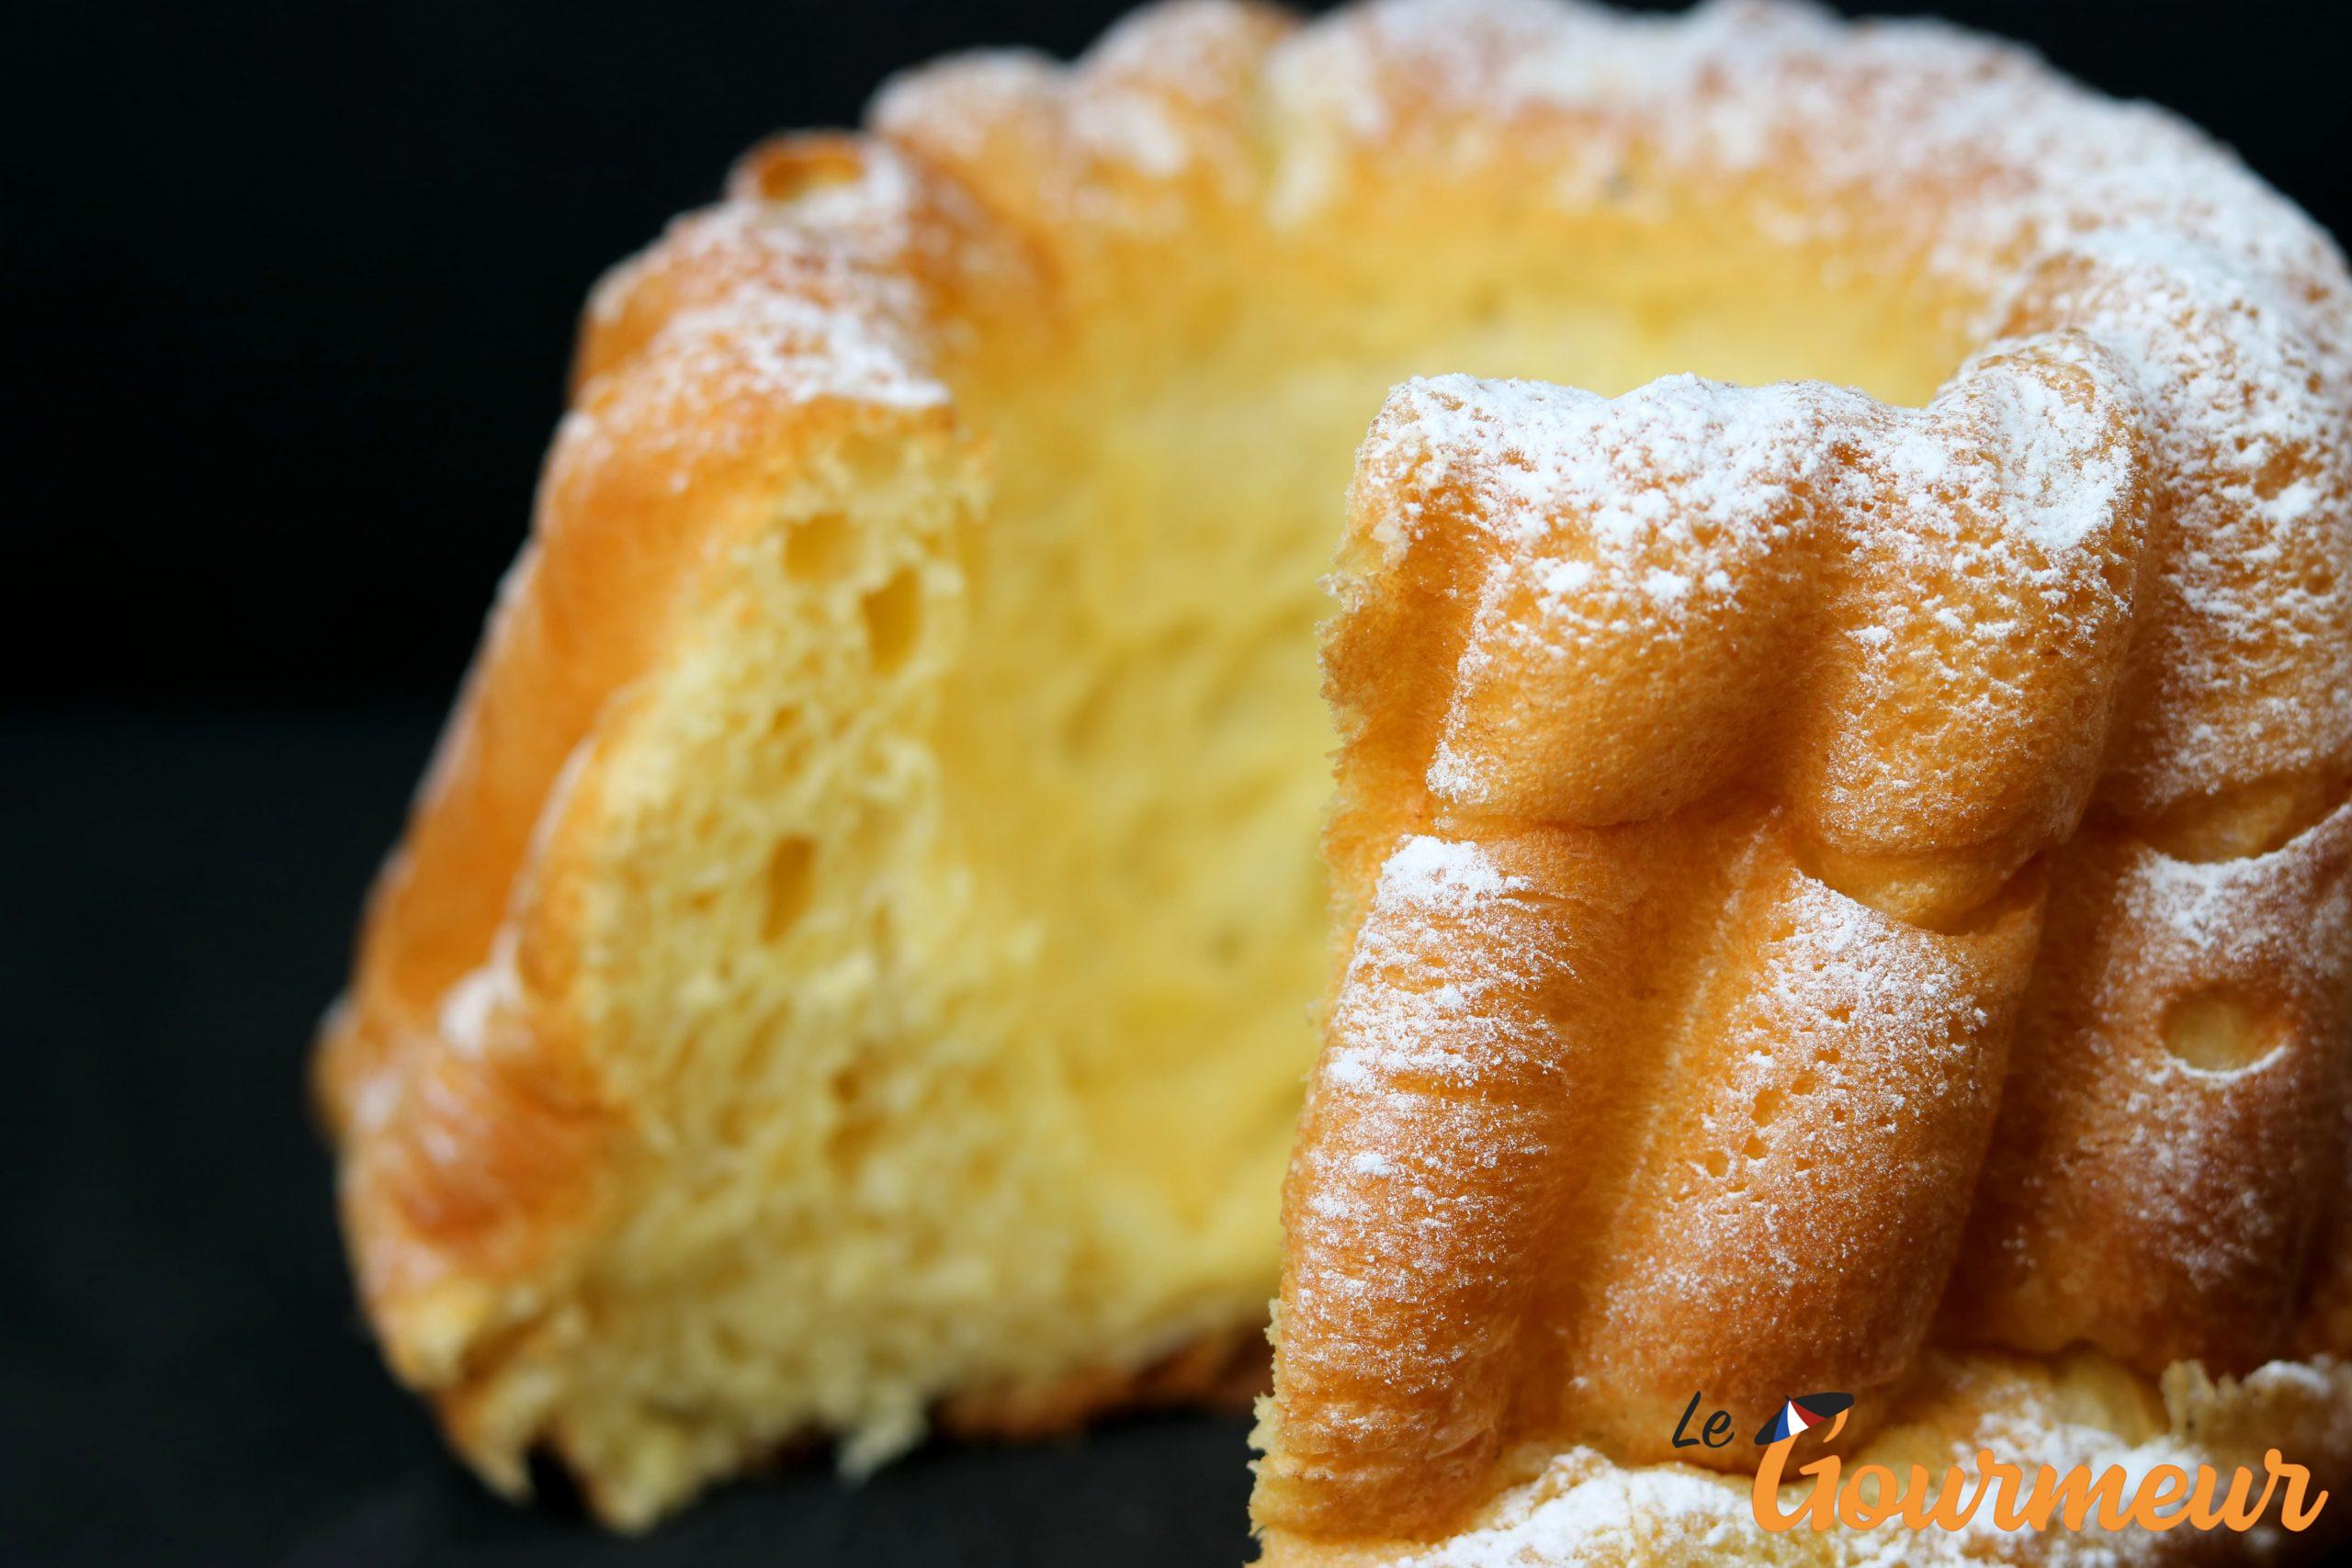 gâteau mollet ardennais boulangerie spécialité champagne ardennes